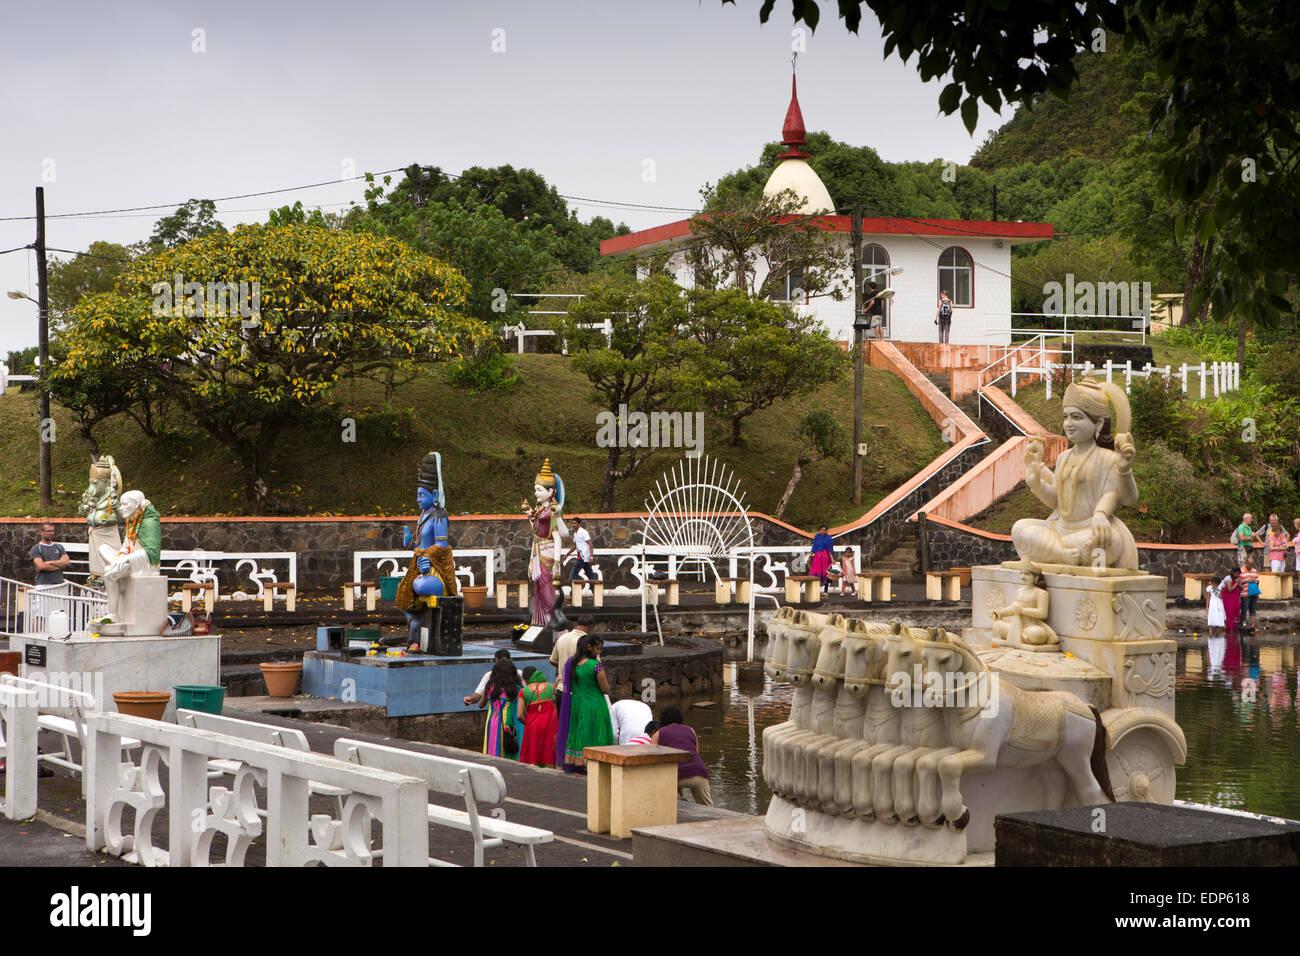 Mauritius, Grand Bassin, Ganga Talao sacred lake temple, Hindu statues on shore - Stock Image